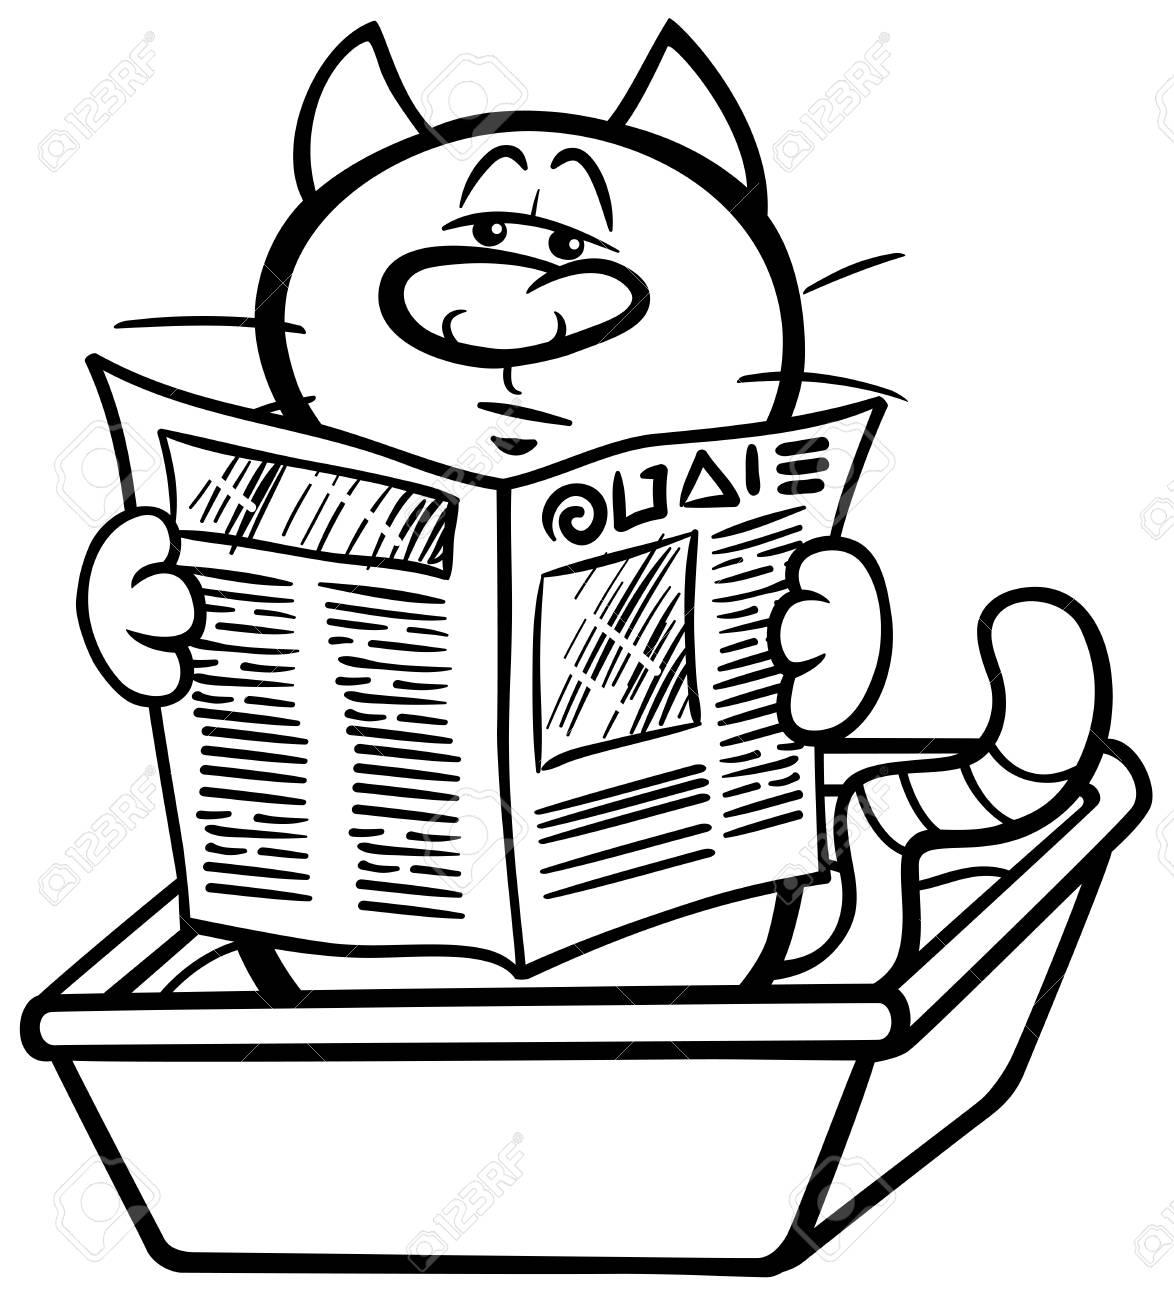 Ilustración De Dibujos Animados En Blanco Y Negro De Gato Leyendo Un